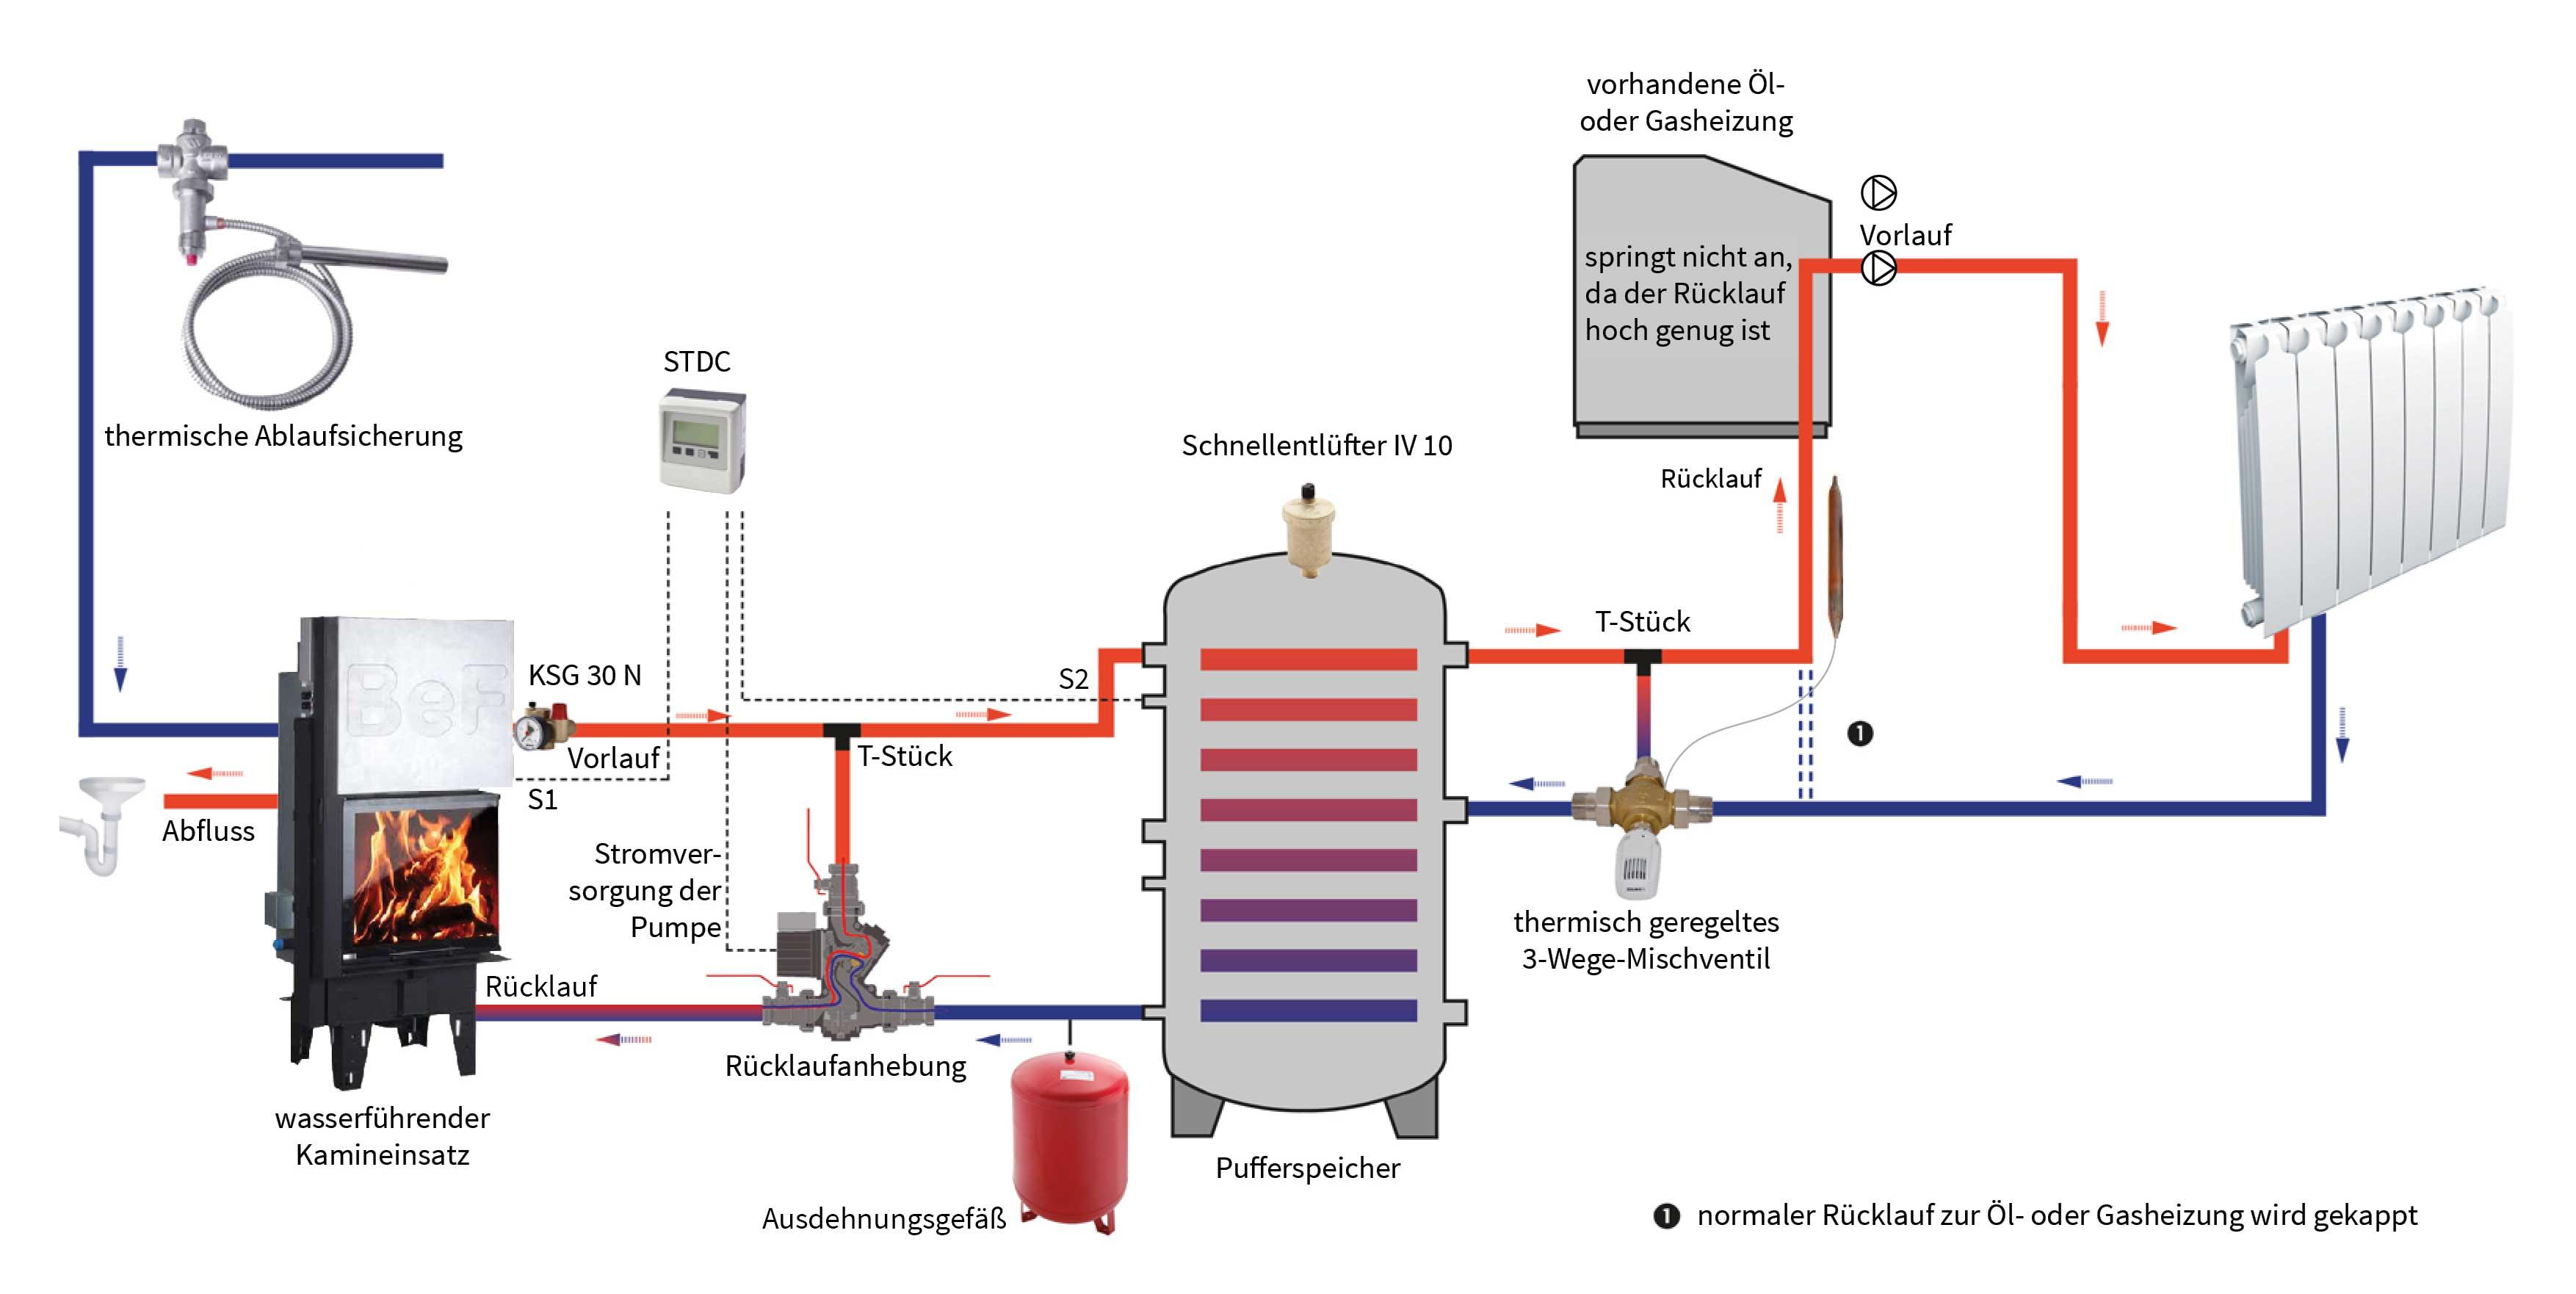 Wasserführender Kamin Anschluss : kamineinsatz wasserf hrend anschlie en tipps hinweise ~ A.2002-acura-tl-radio.info Haus und Dekorationen